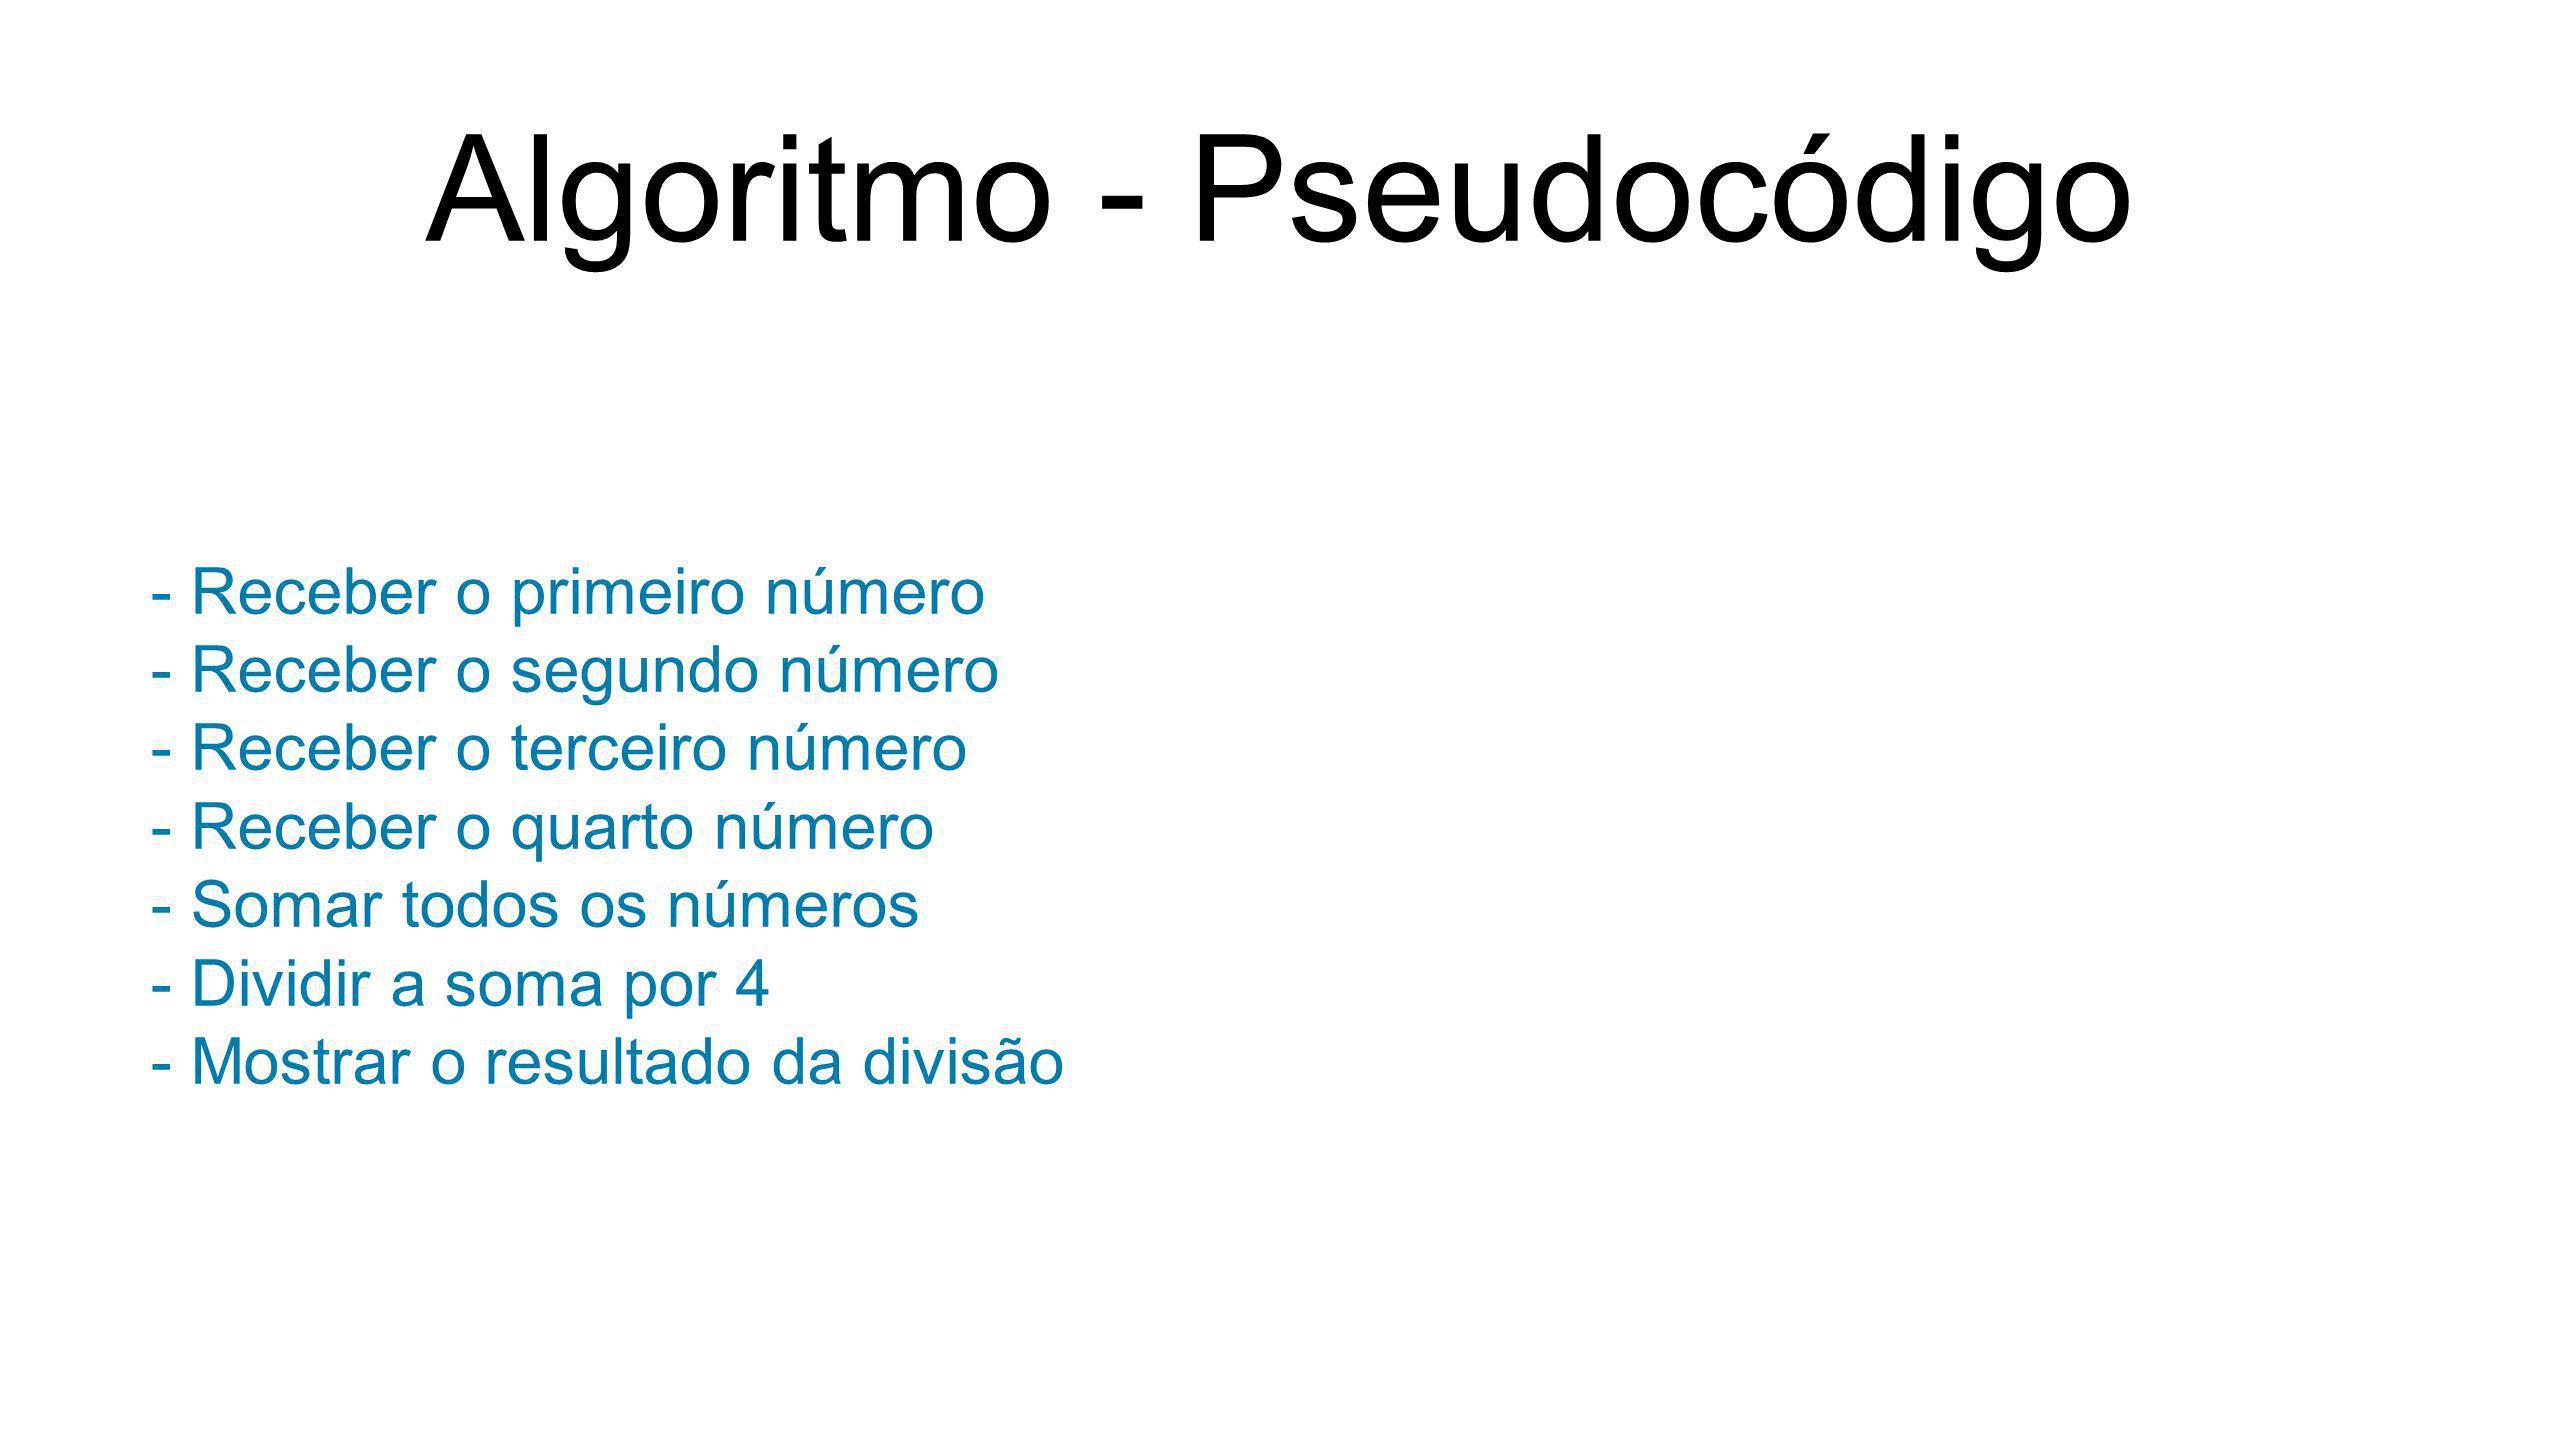 Algoritmo - Pseudocódigo